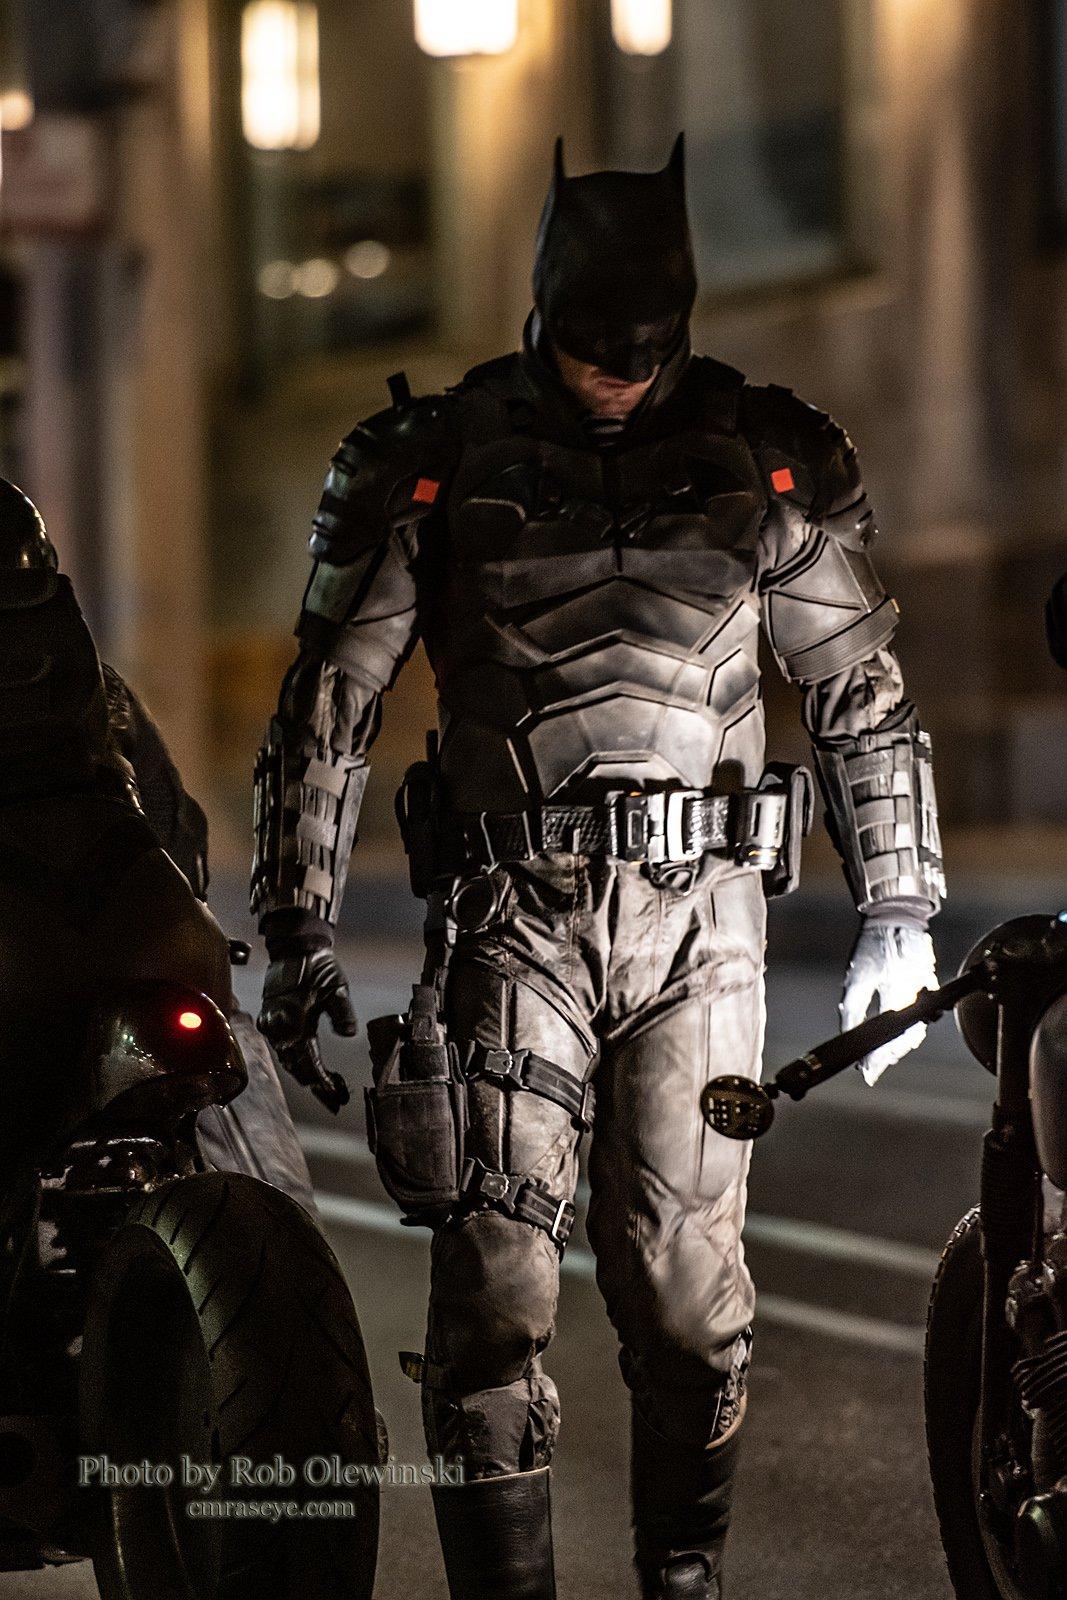 《蝙蝠侠》新片场照曝光 蝙蝠侠和猫女骑摩托行动